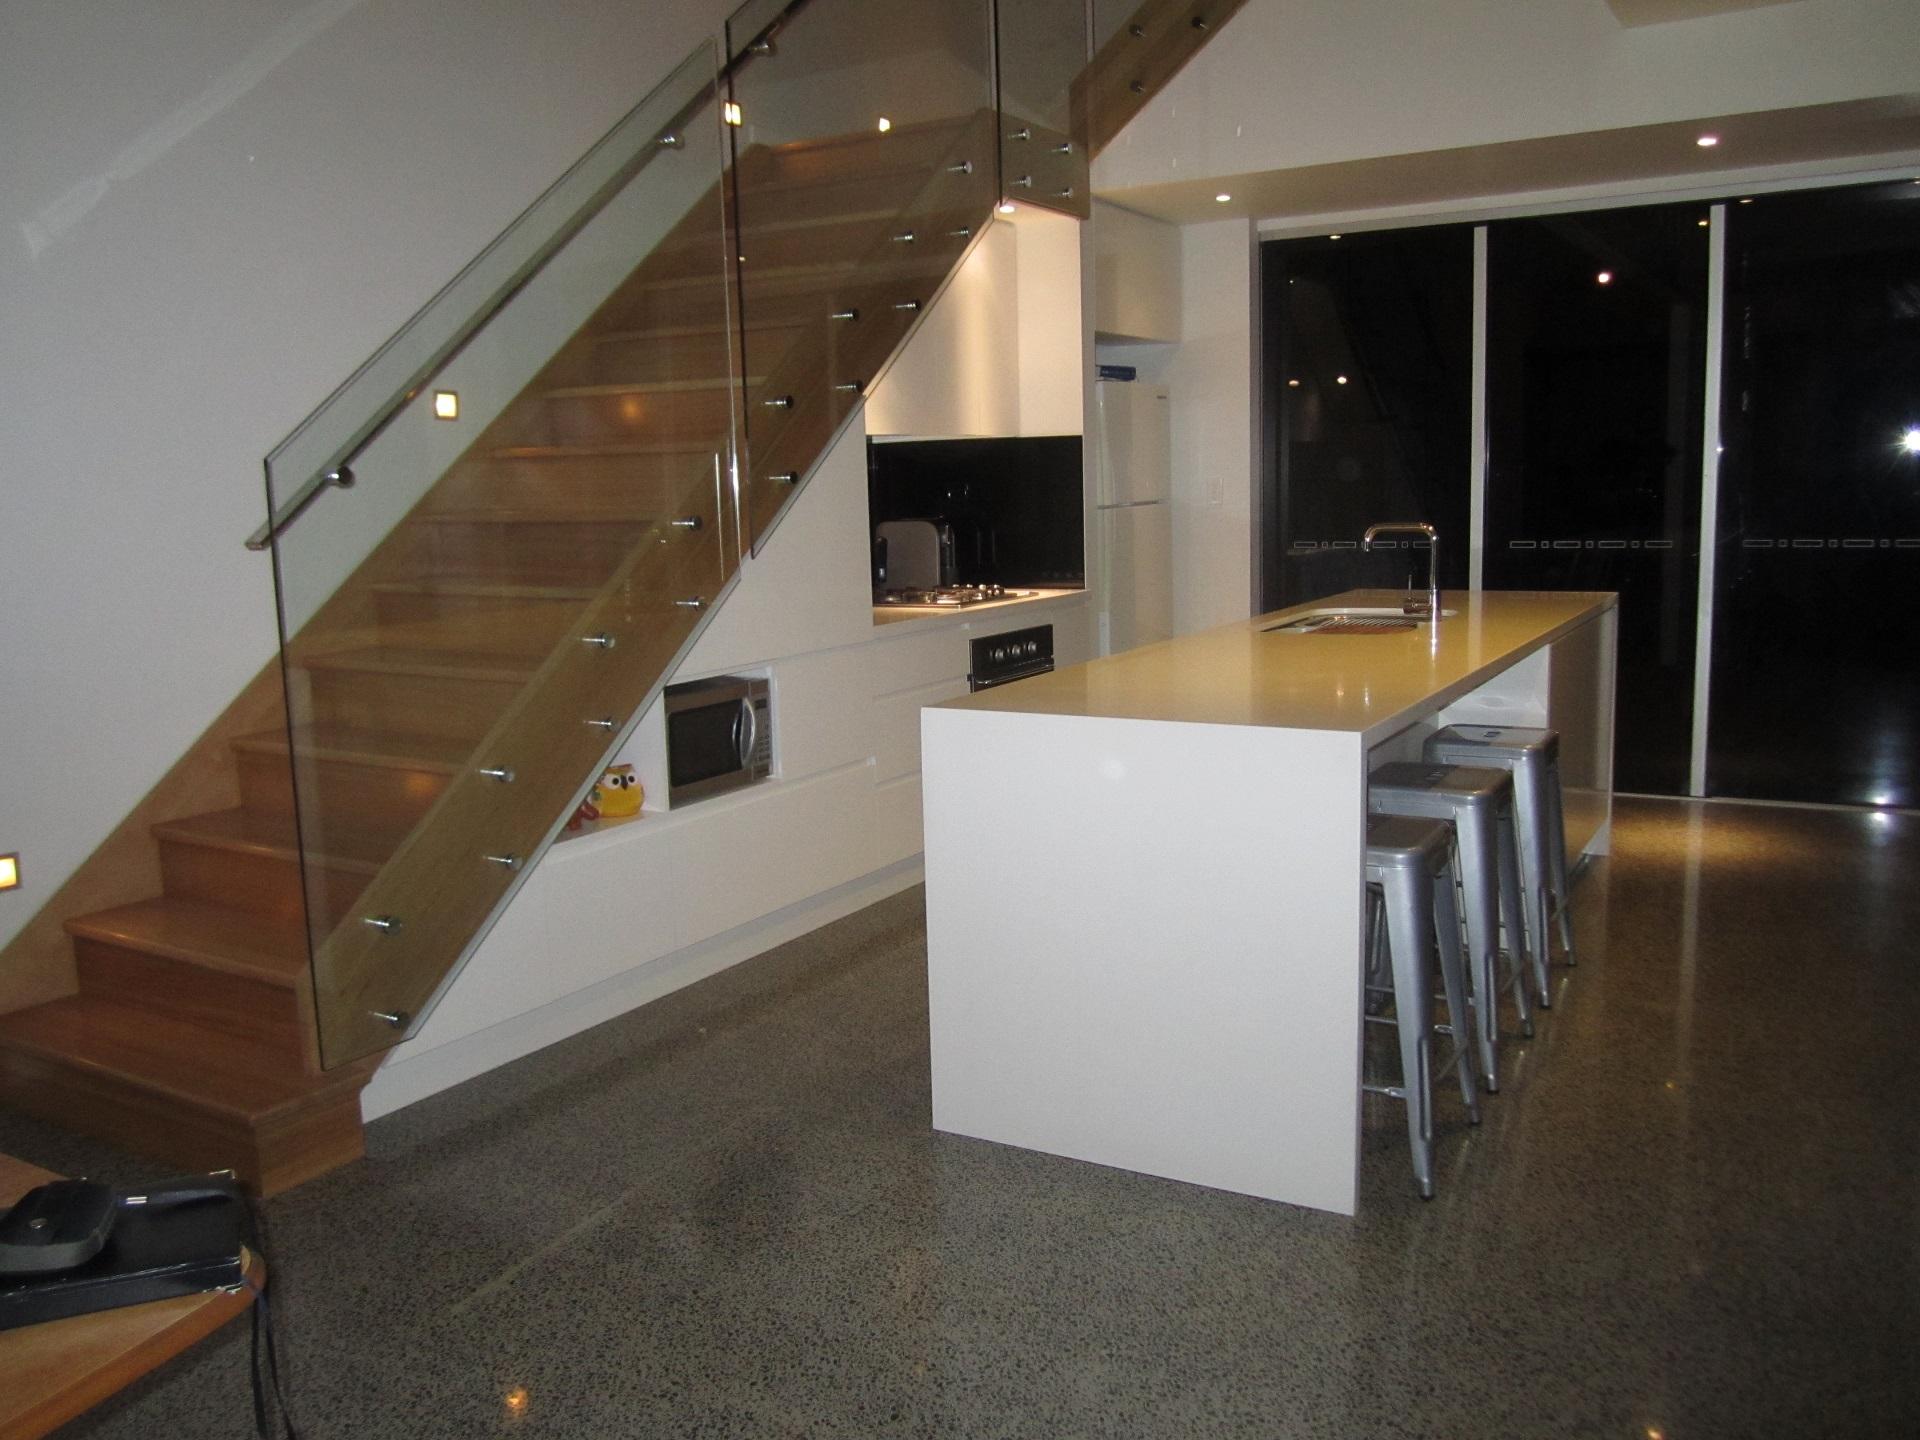 brisbane-kitchen-design-highgate-hill-contemporary- under staircase--kitchen1